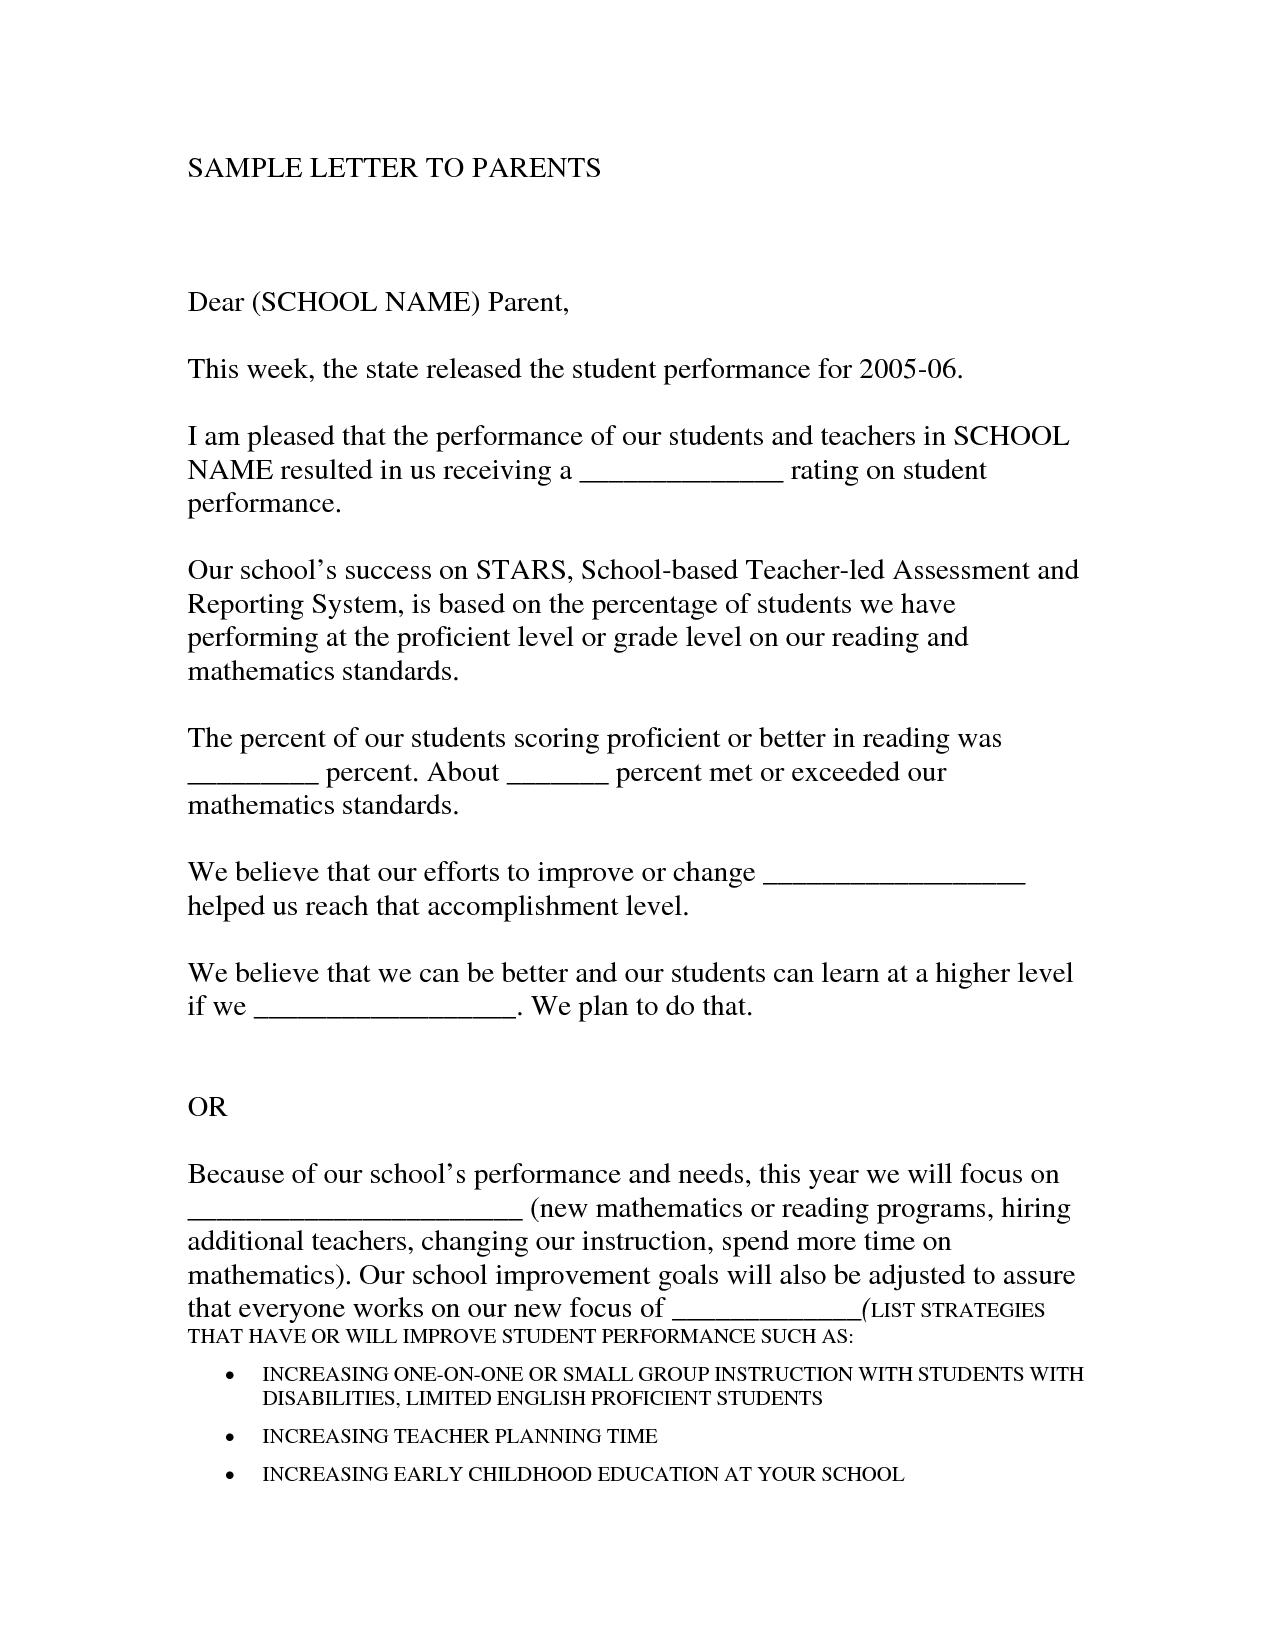 recommendation letter sample for teacher from parent httpwwwresumecareer